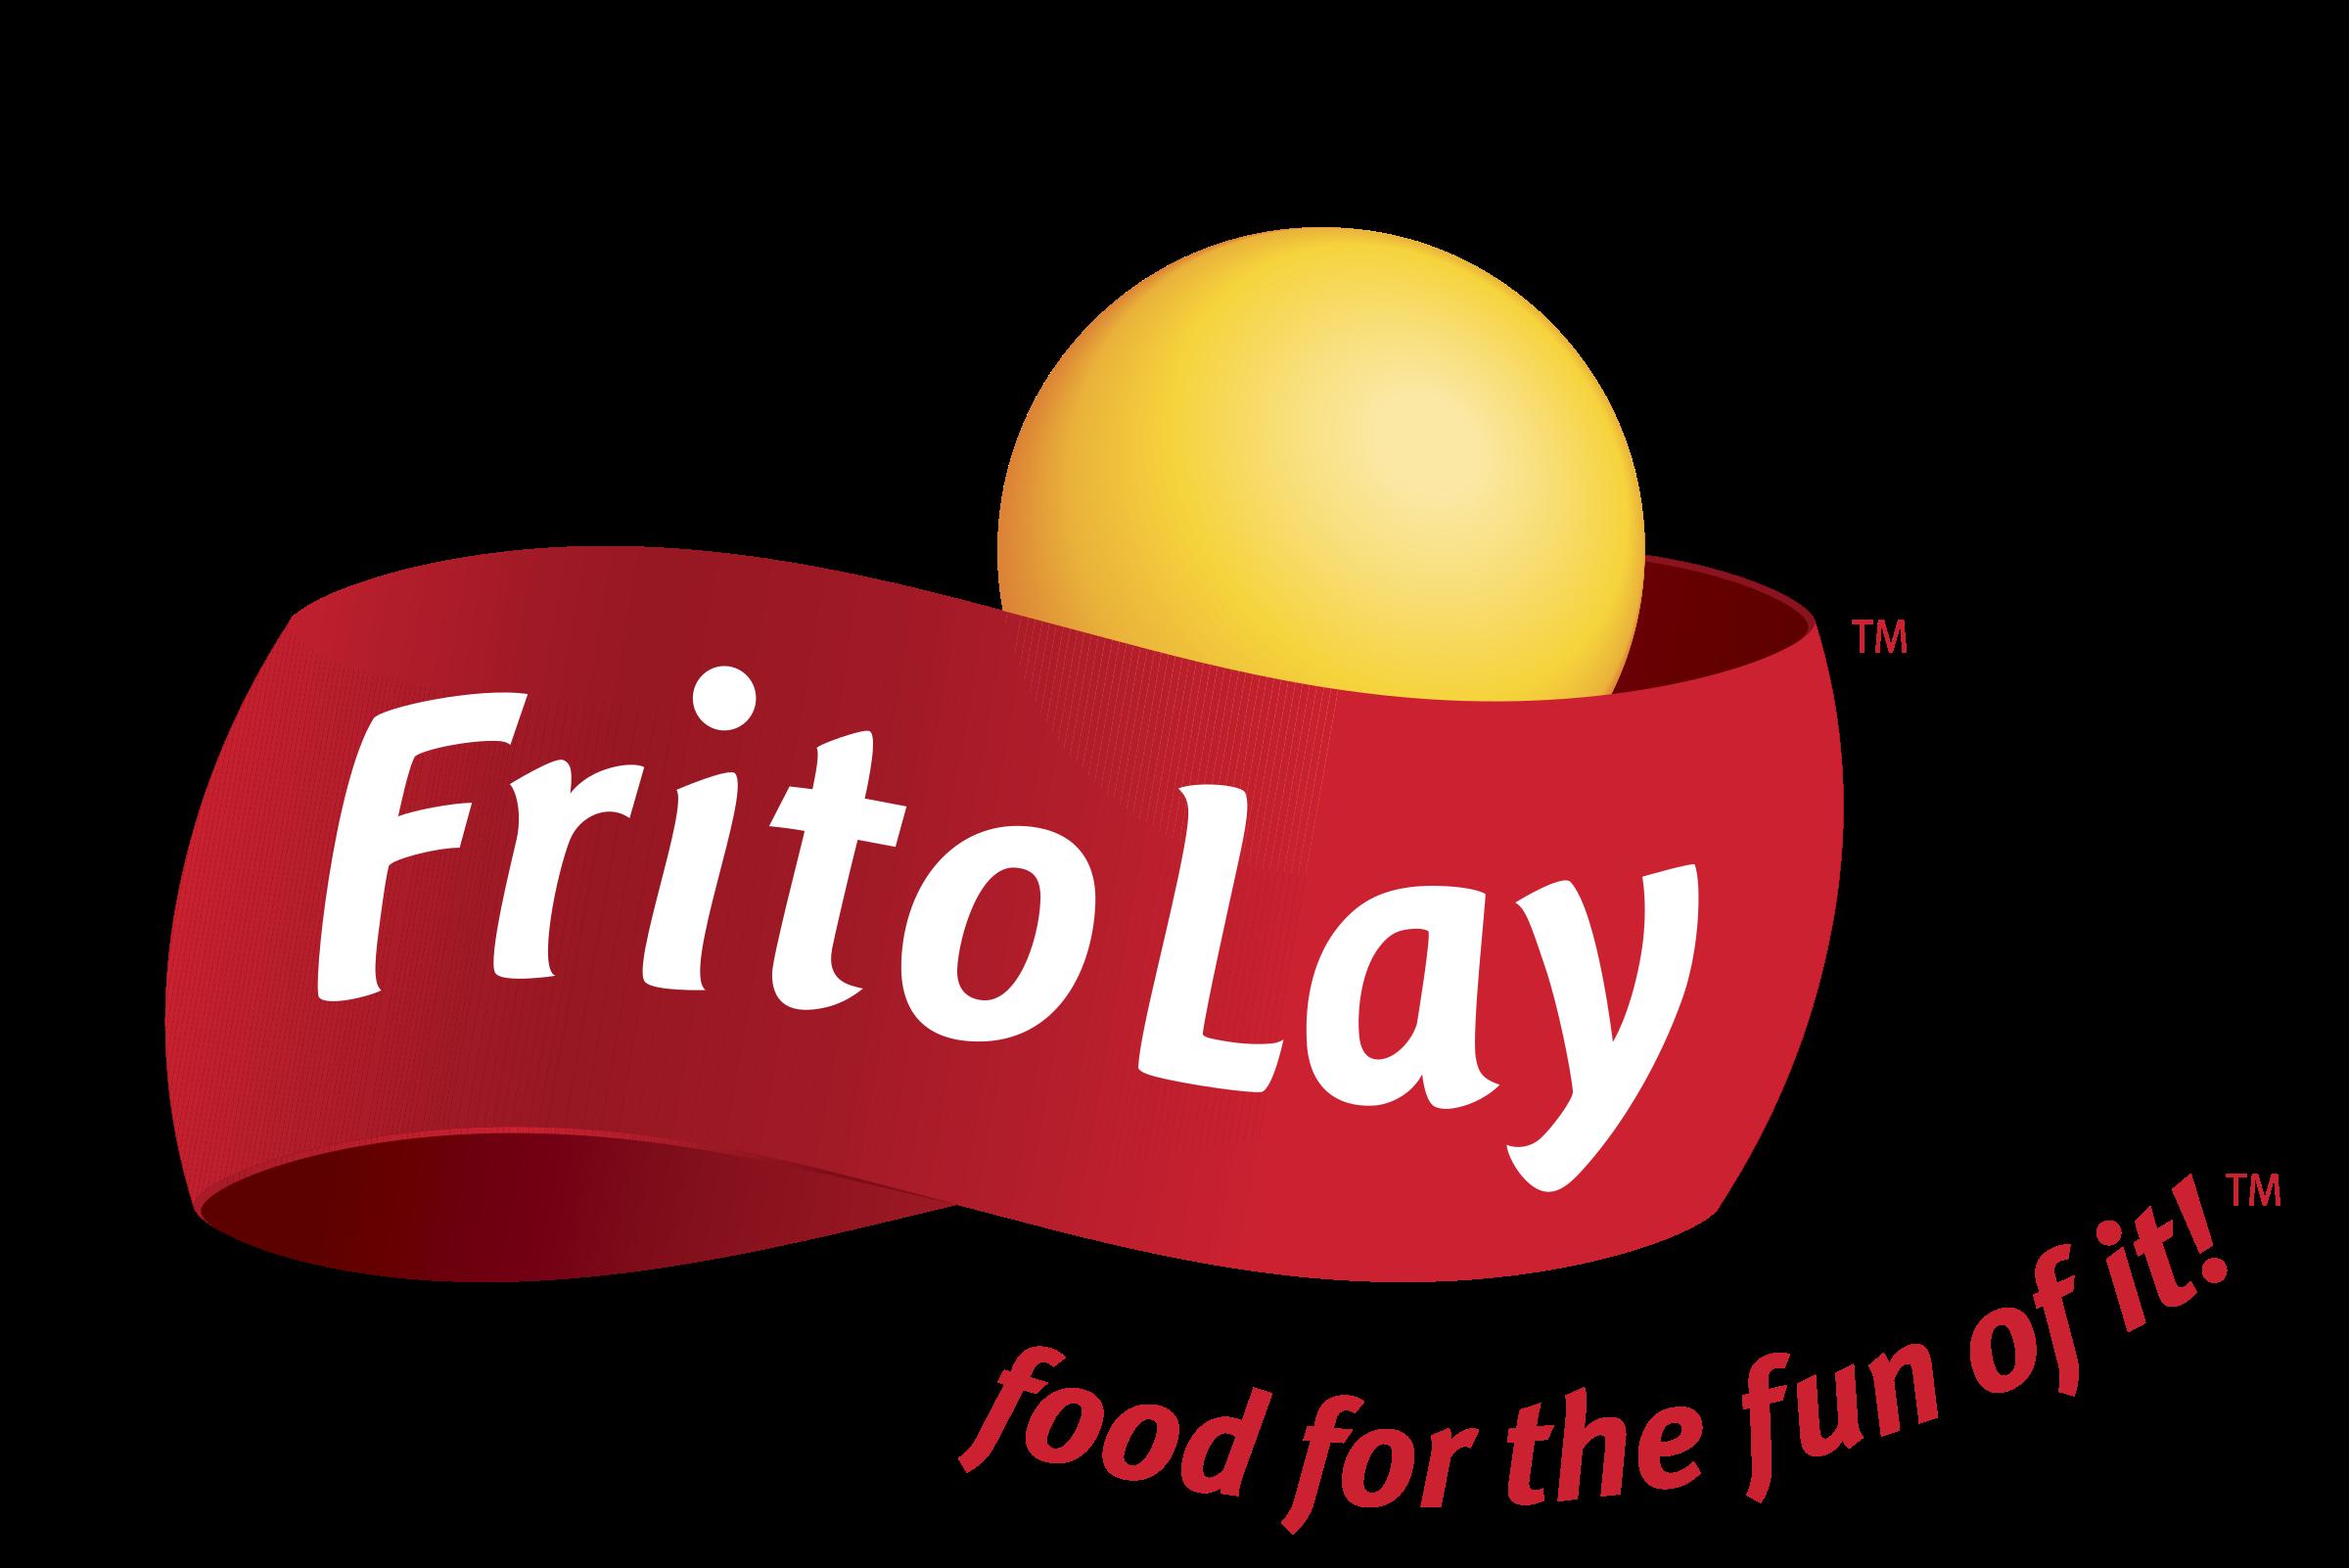 frito-lay-2-logo-png-transparent